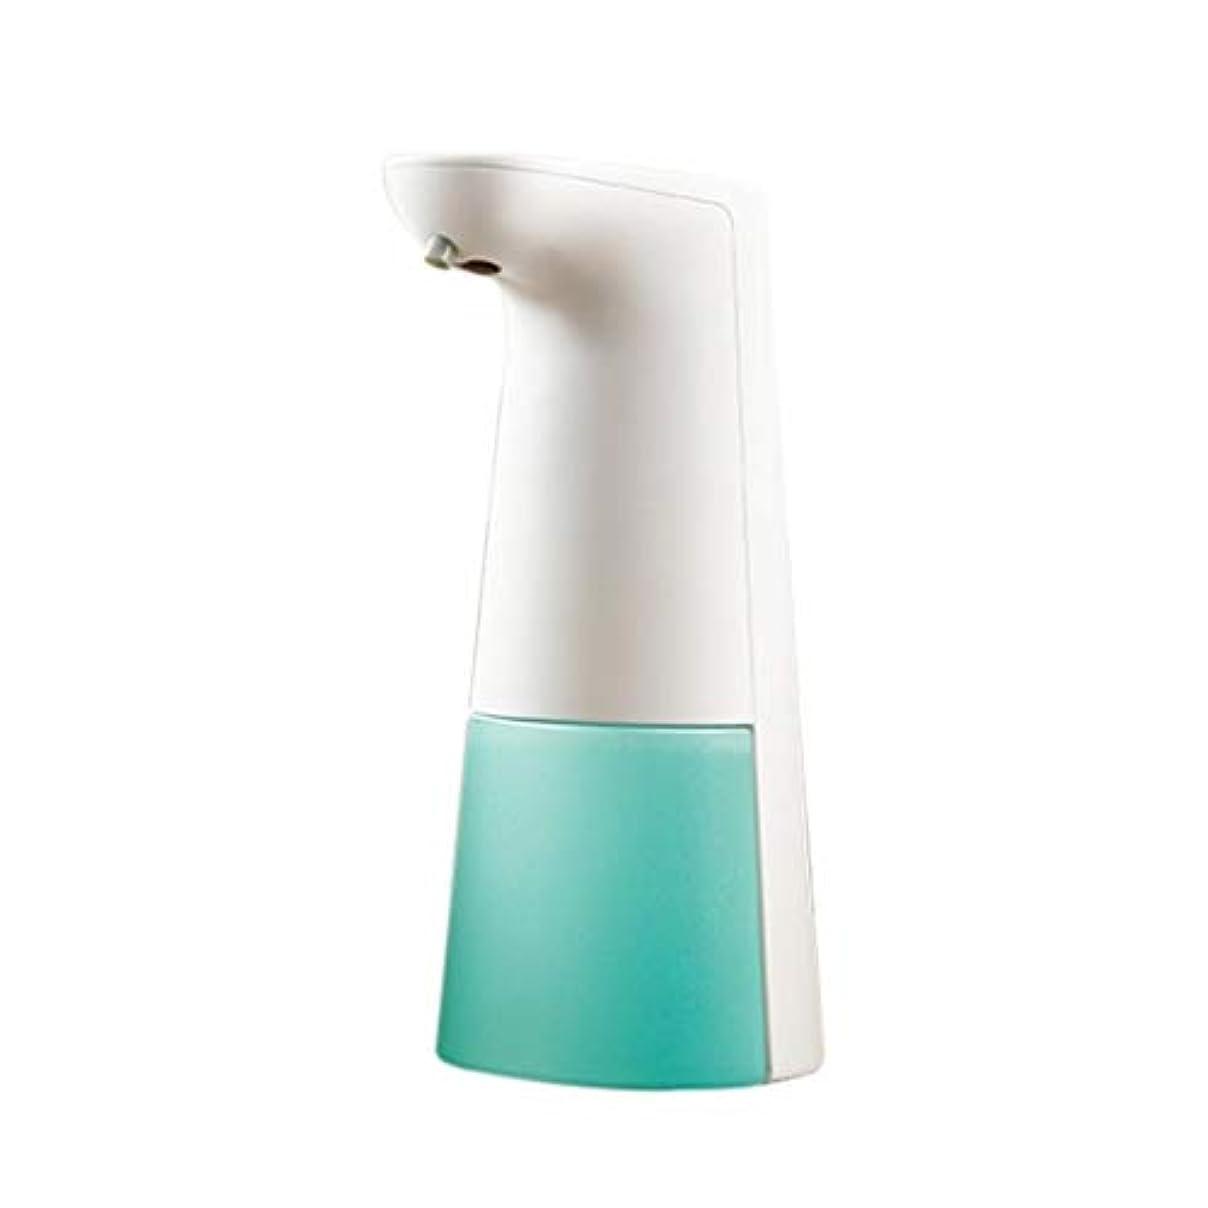 絶え間ない全能返還泡の台所浴室の流しの液体石鹸の瓶250mlのプラスチック石鹸箱のローション(色:白、サイズ:20.4 * 11.6 * 8.9cm) (Color : White, Size : 20.4*11.6*8.9cm)